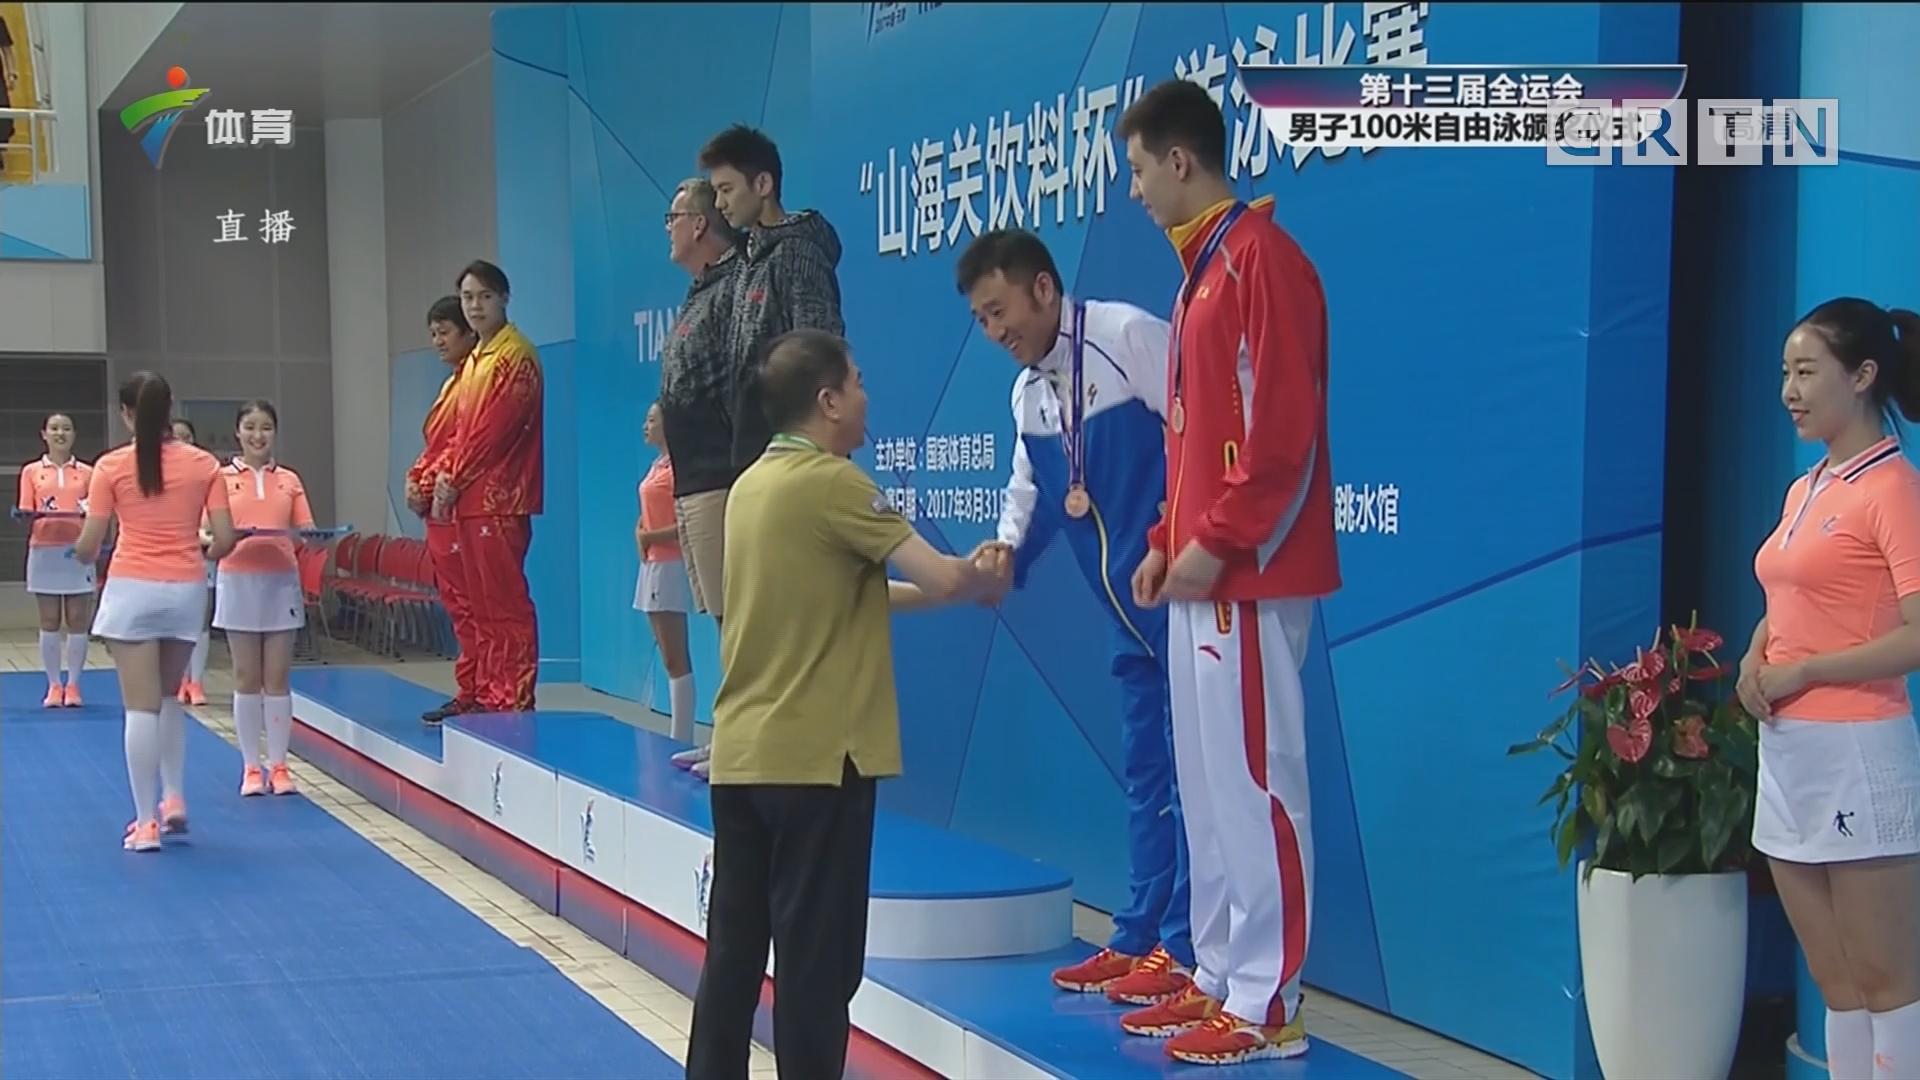 第十三届全运会:男子100米自由泳颁奖仪式